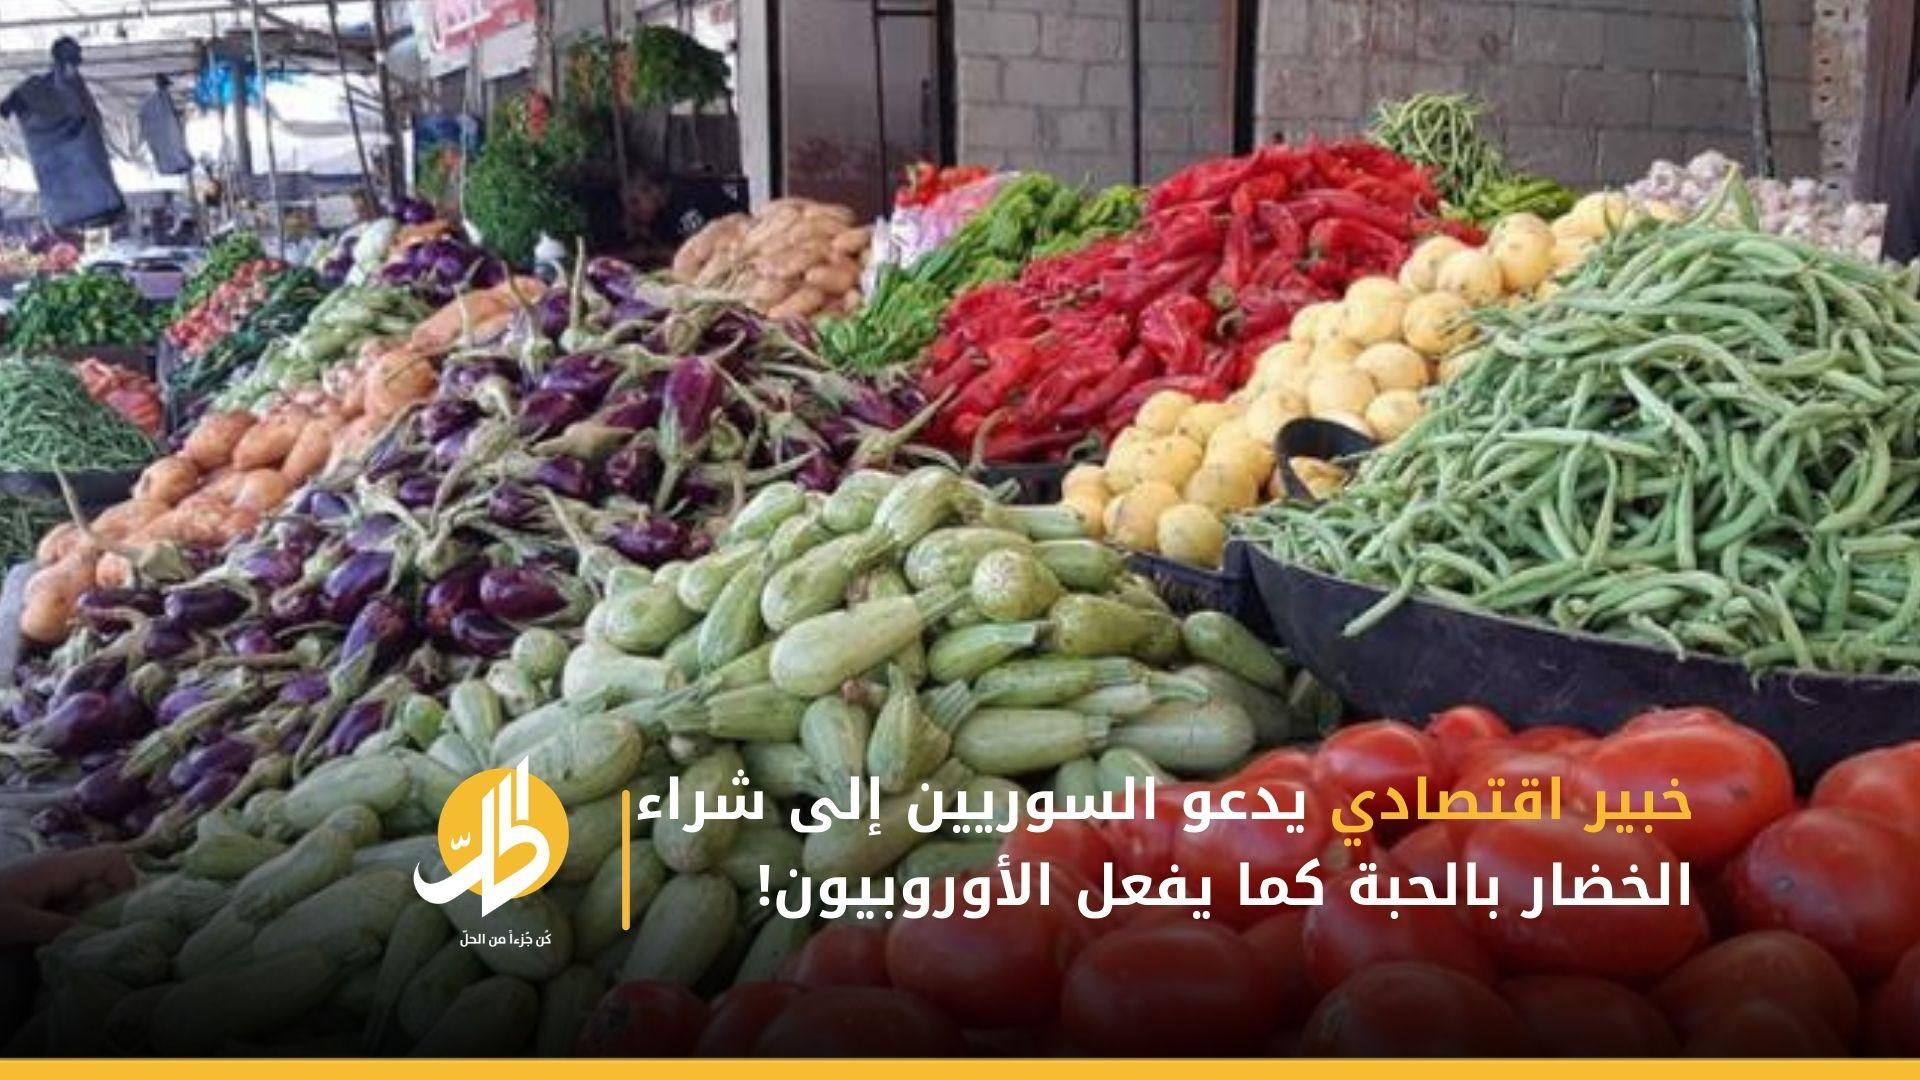 خبير اقتصادي يدعو السوريين إلى شراء الخضار بالحبة كما يفعل الأوروبيون!